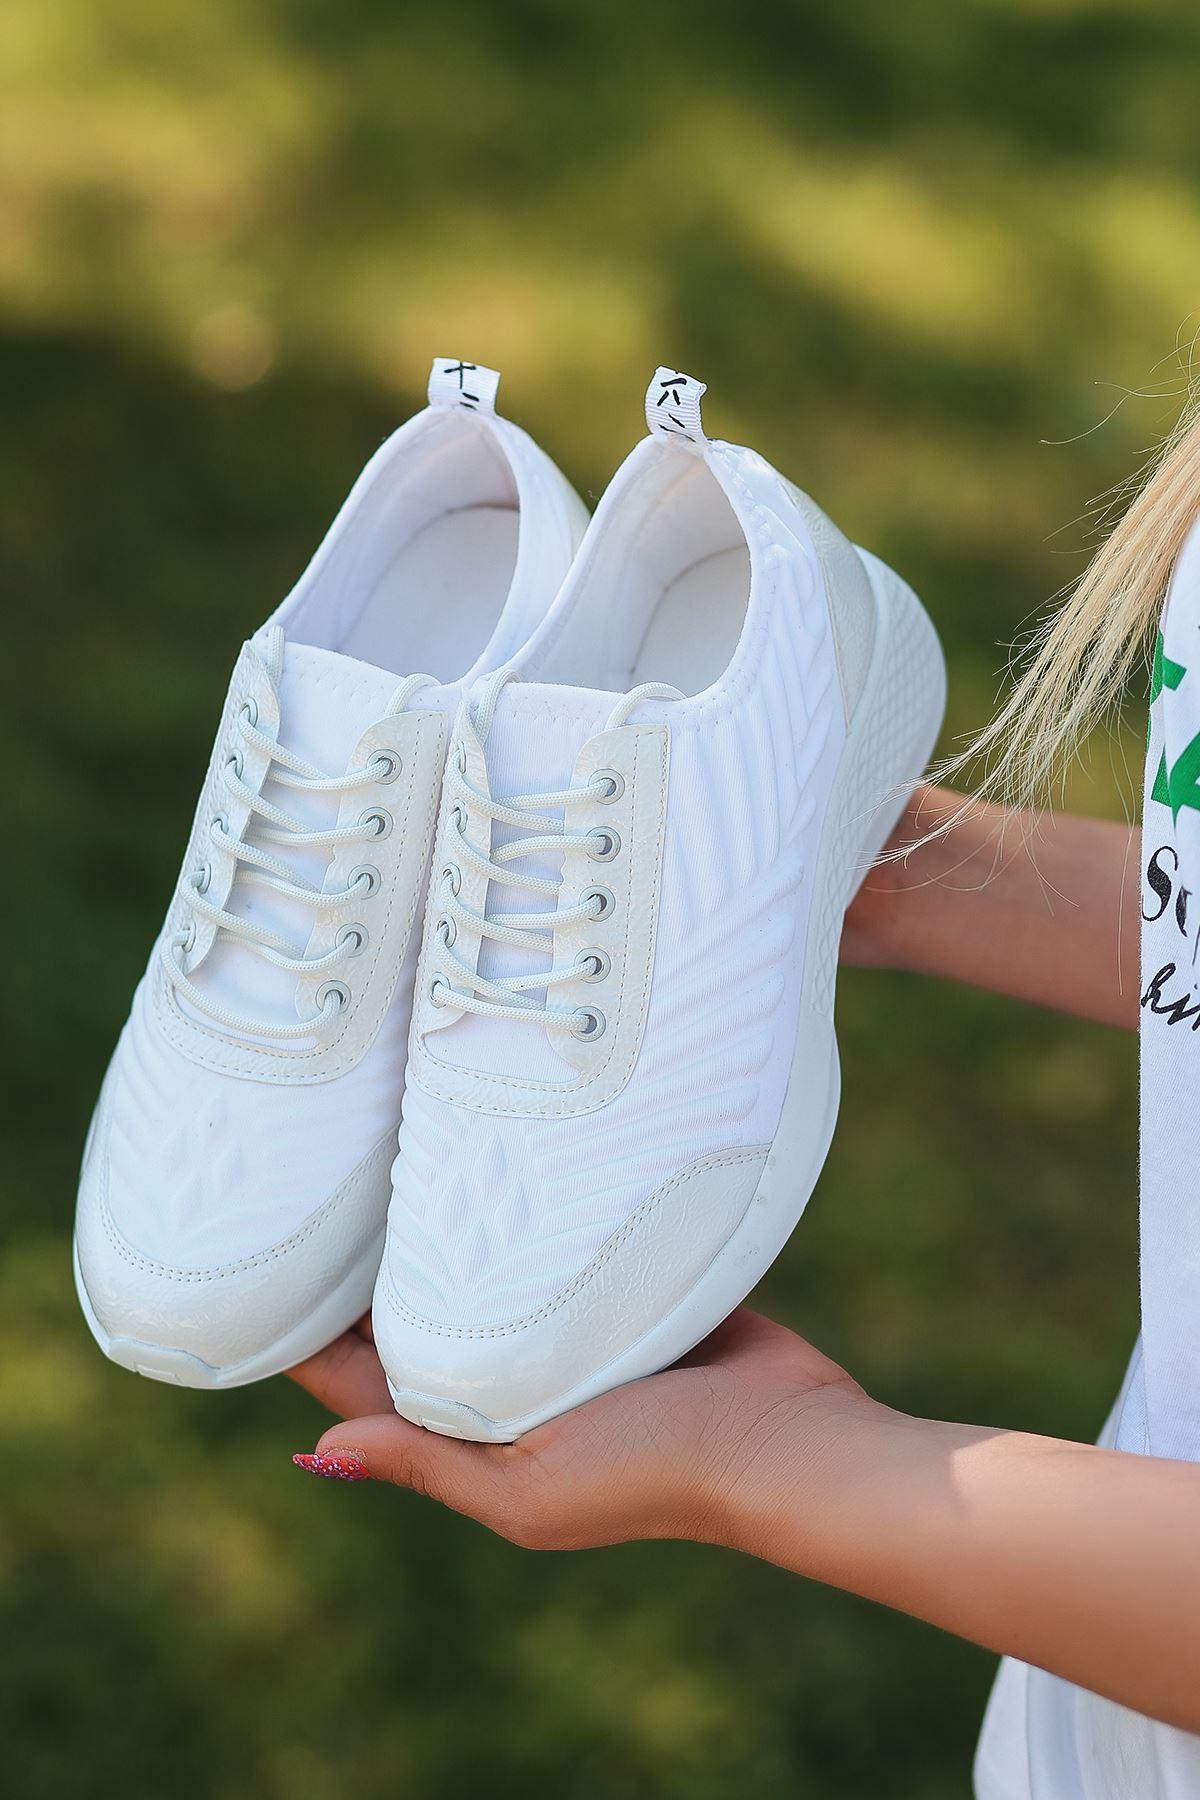 Otuzbes 2022 Kabartma Baskılı Günlük Spor Beyaz Kadın Spor Ayakkabı